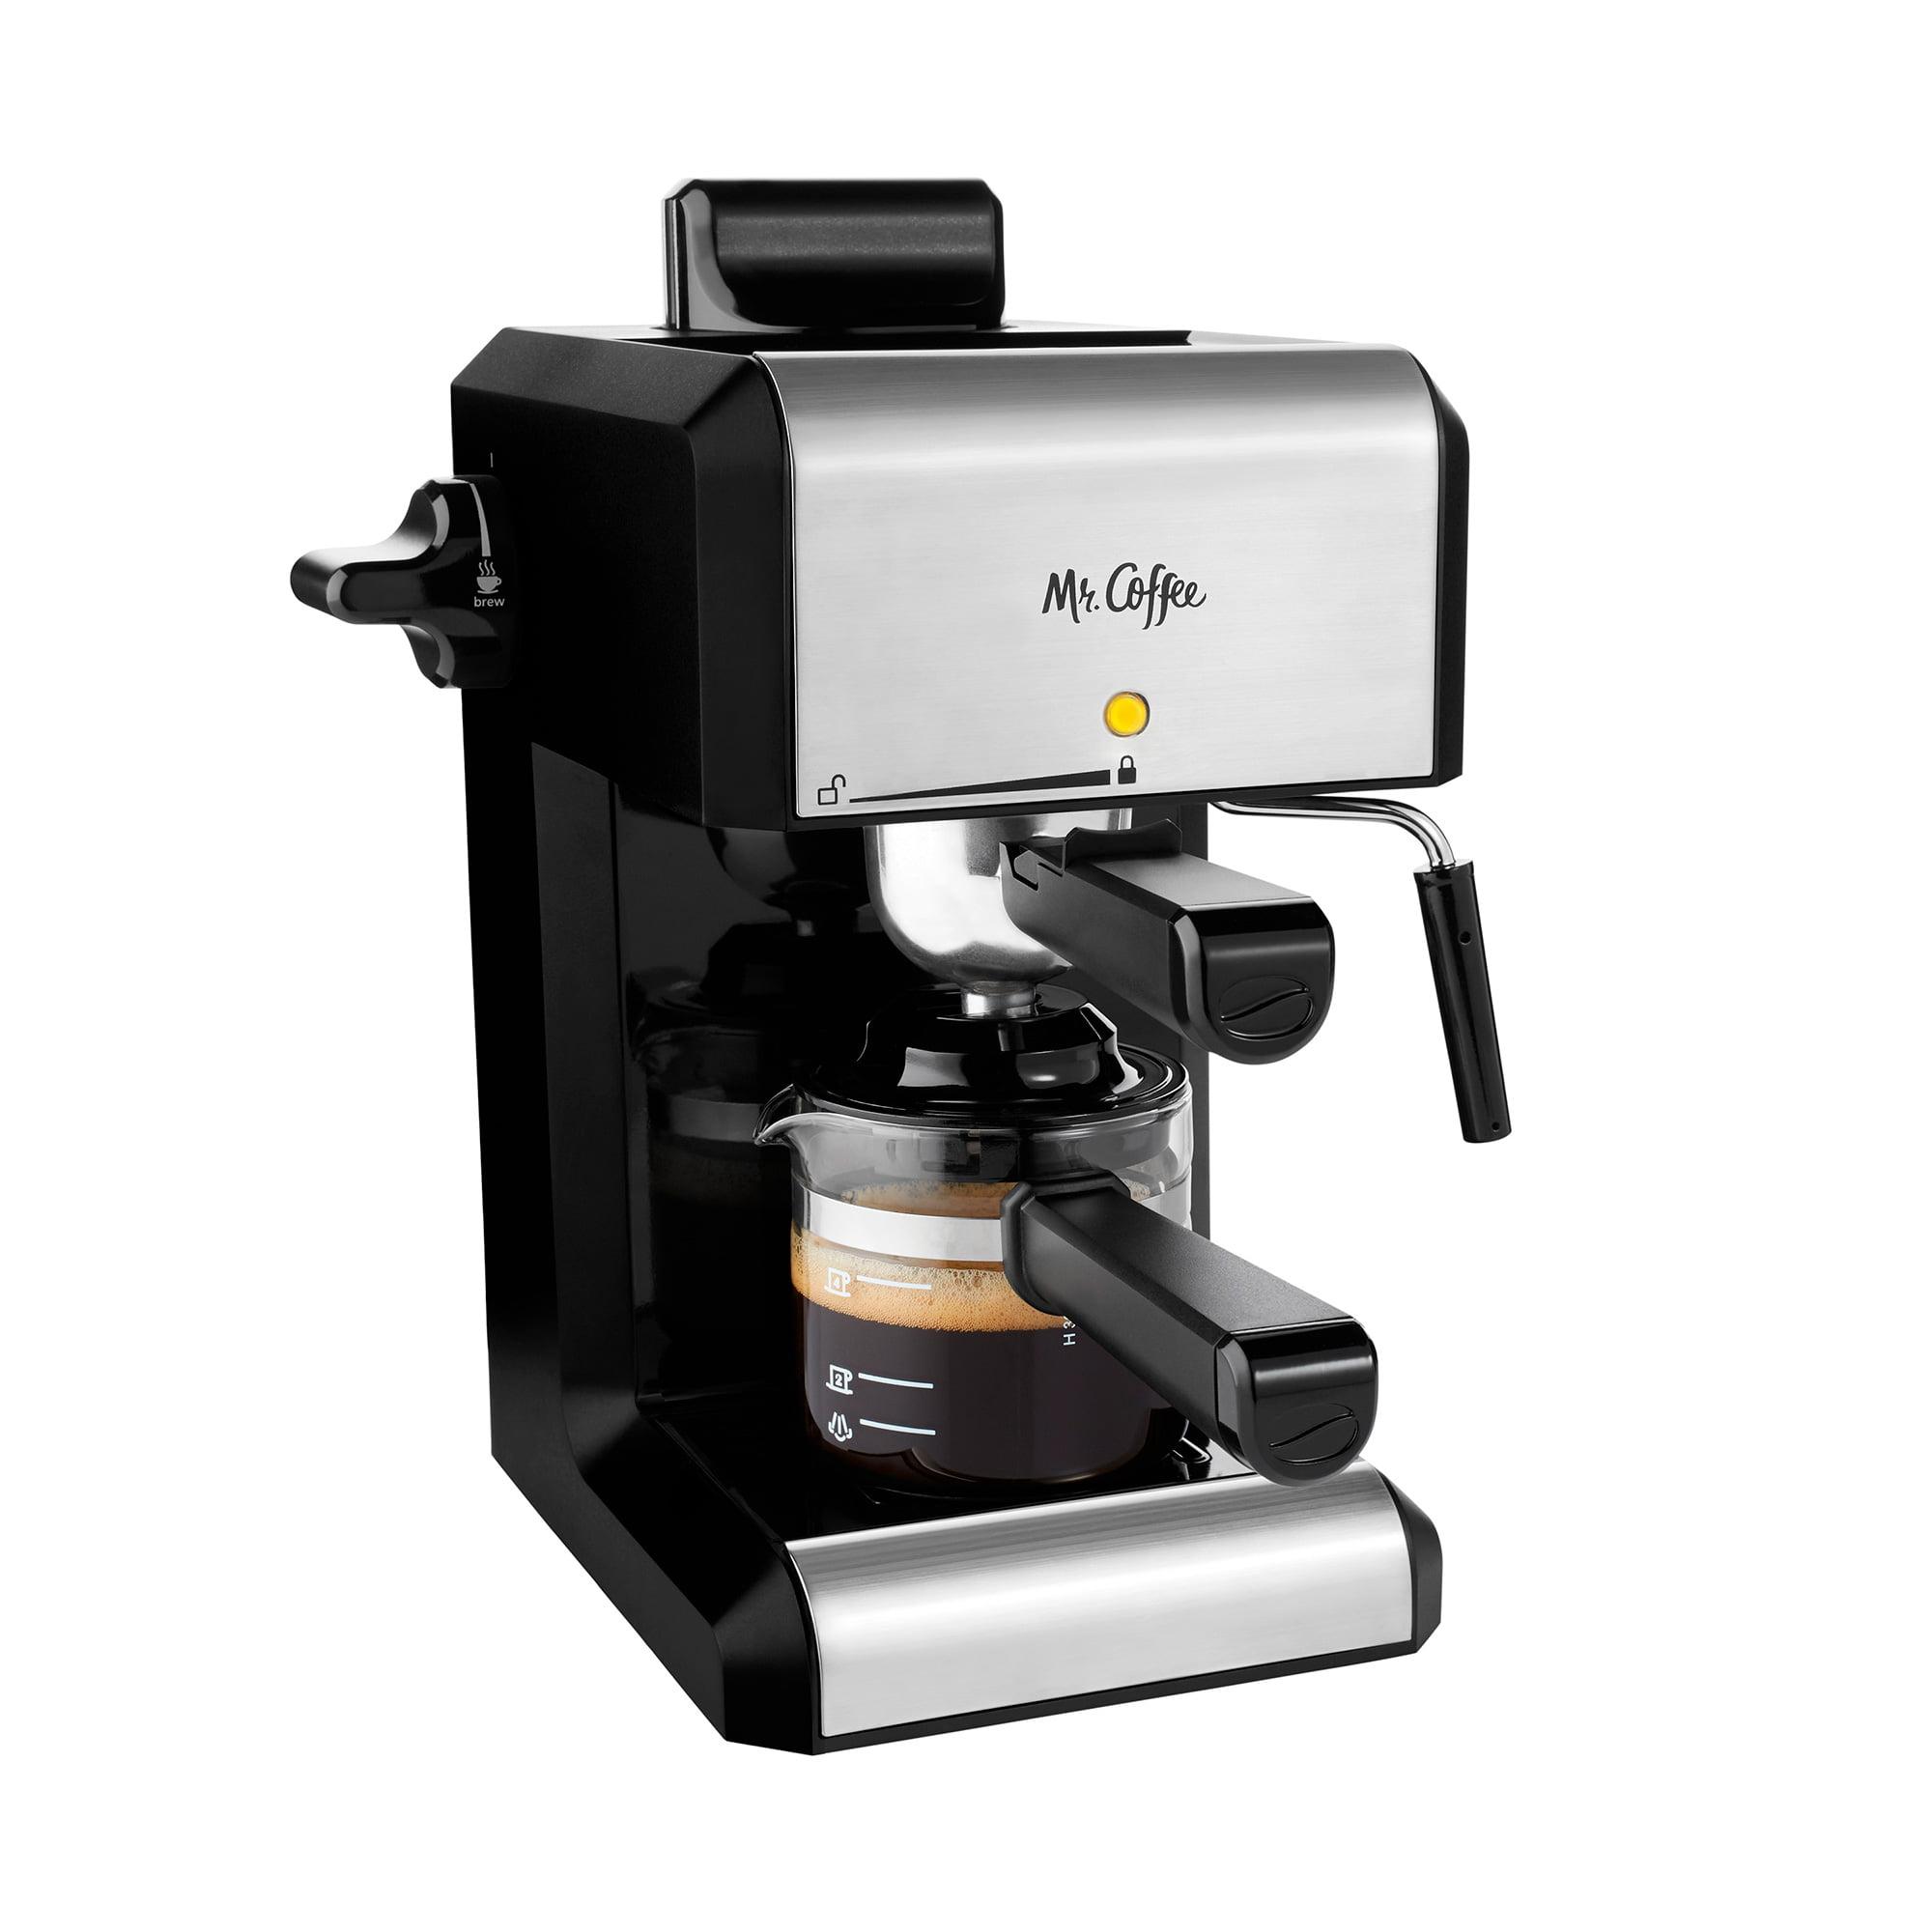 Mr. Coffee Café 20-Ounce Steam Automatic Espresso and Cappuccino Machine, Silver